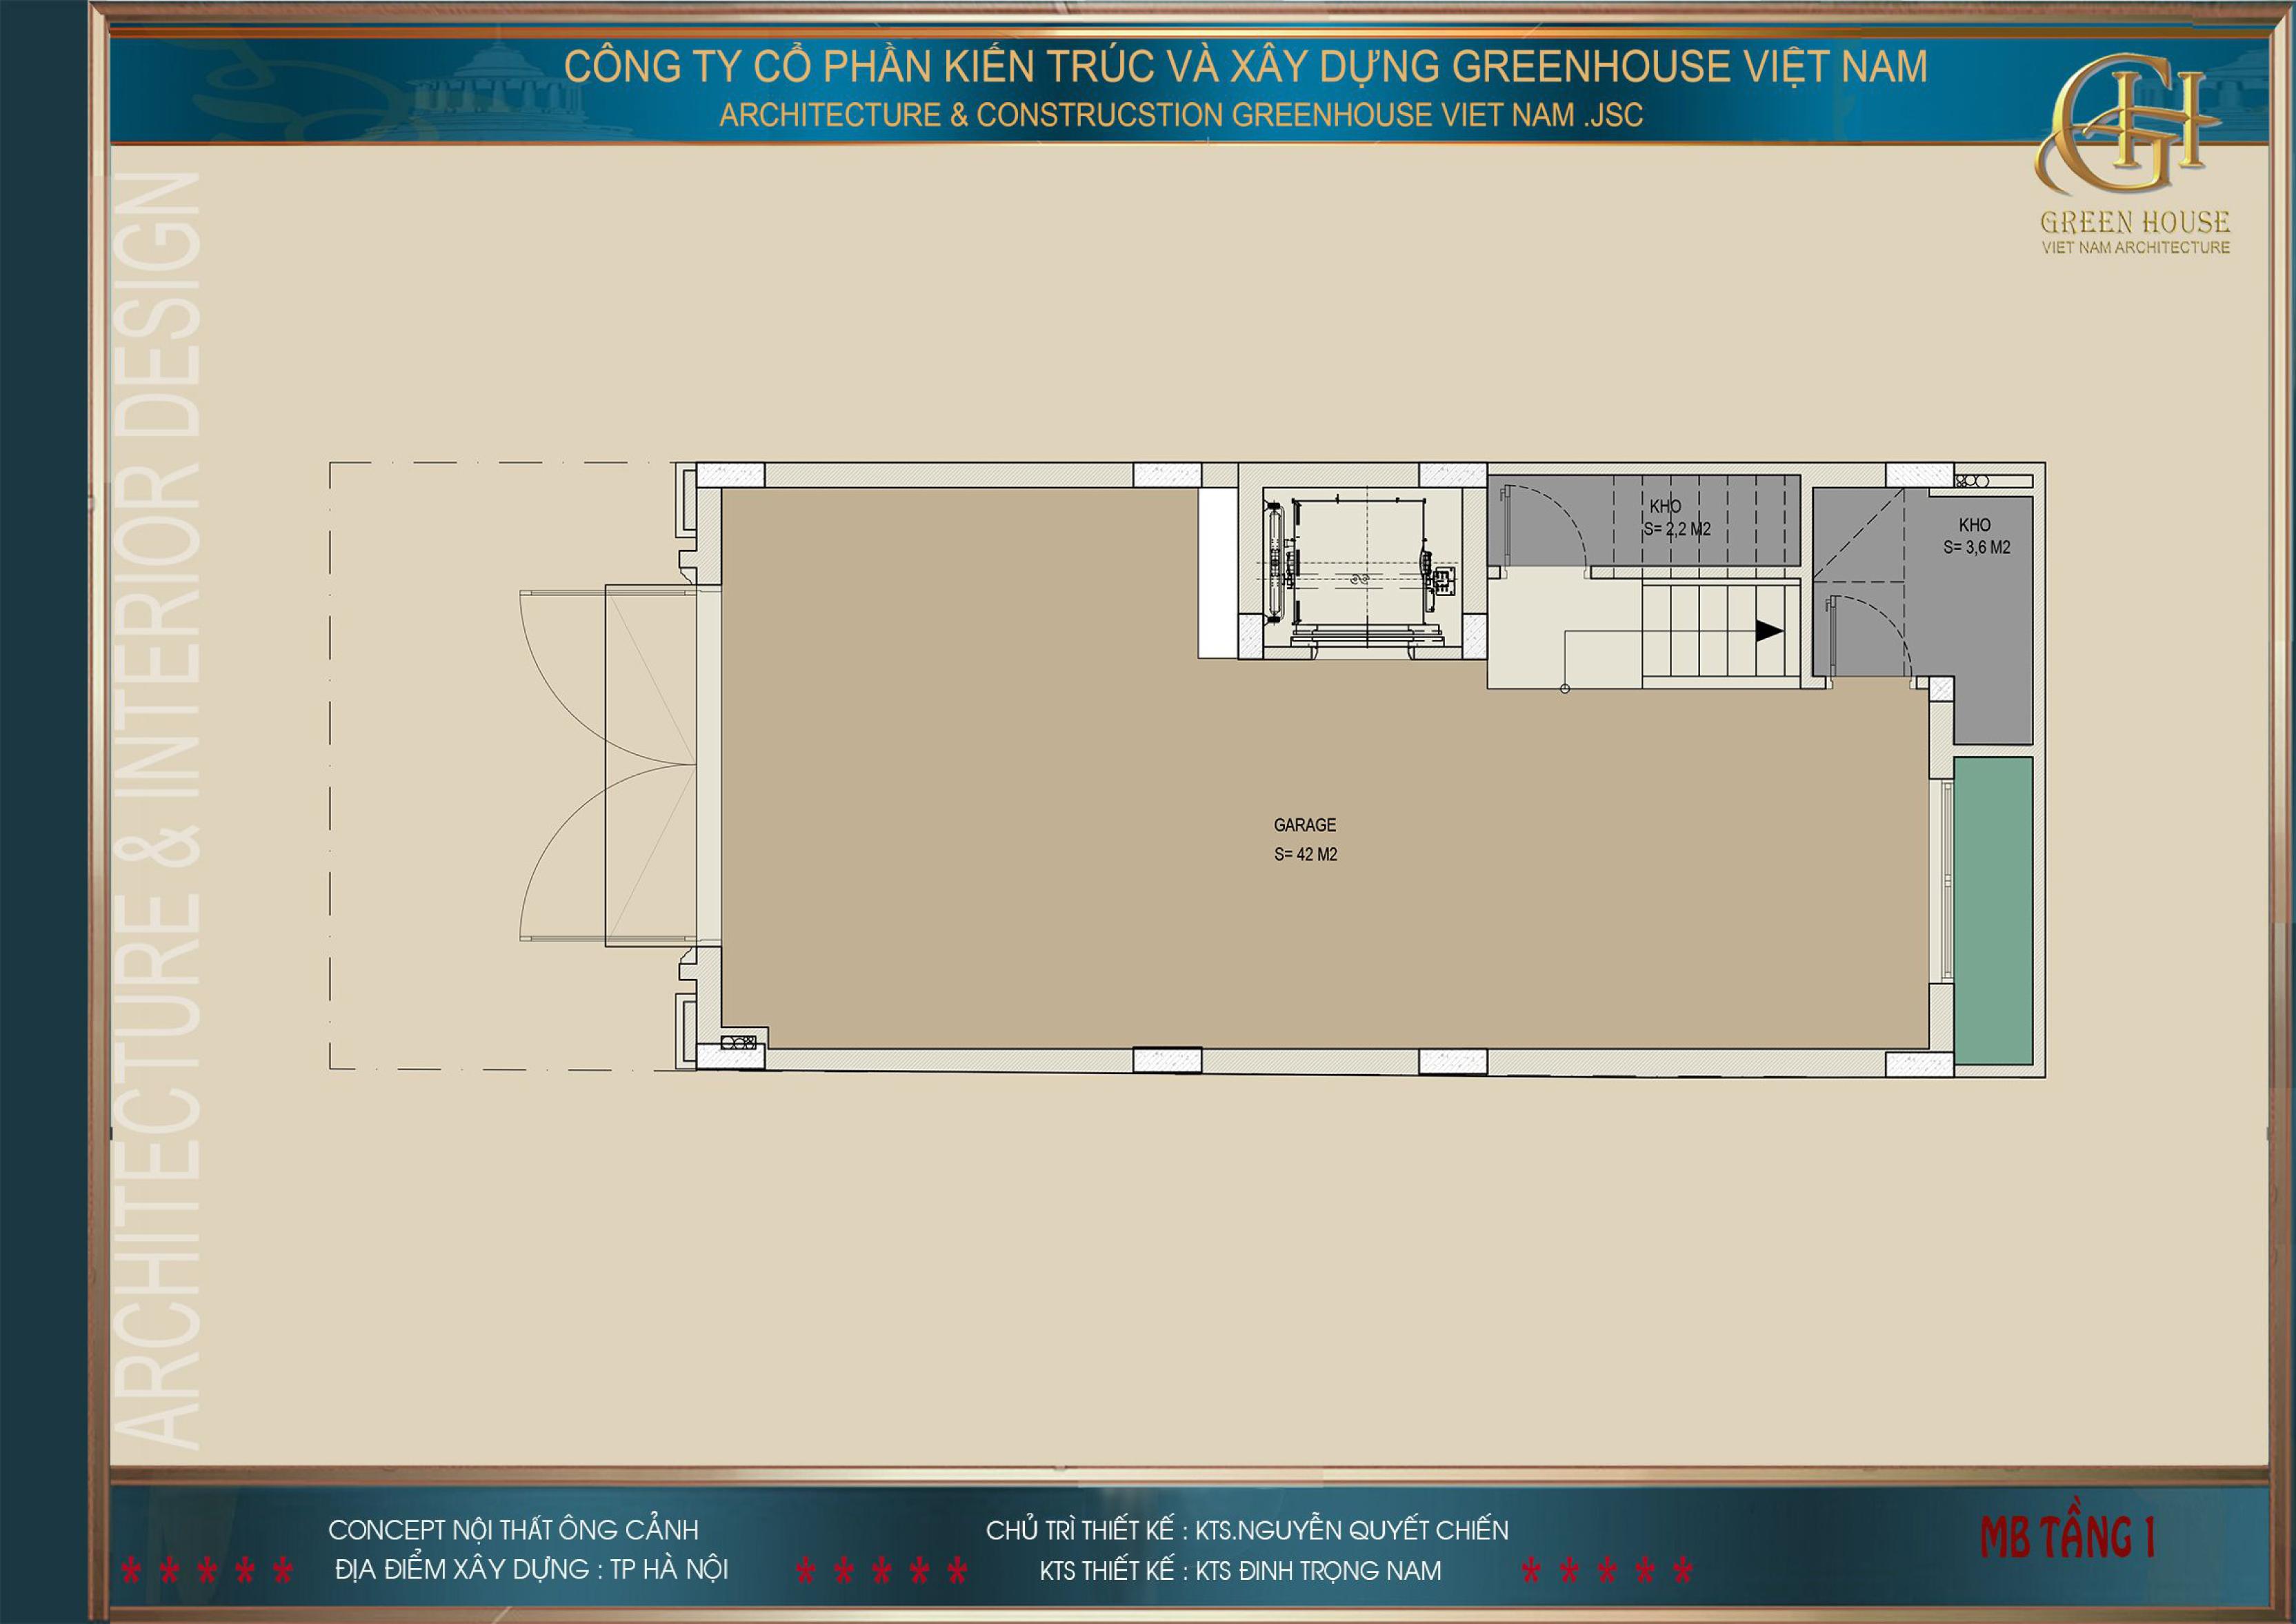 Bản vẽ công năng tầng 1 của biệt thự tân cổ điển 7 tầng